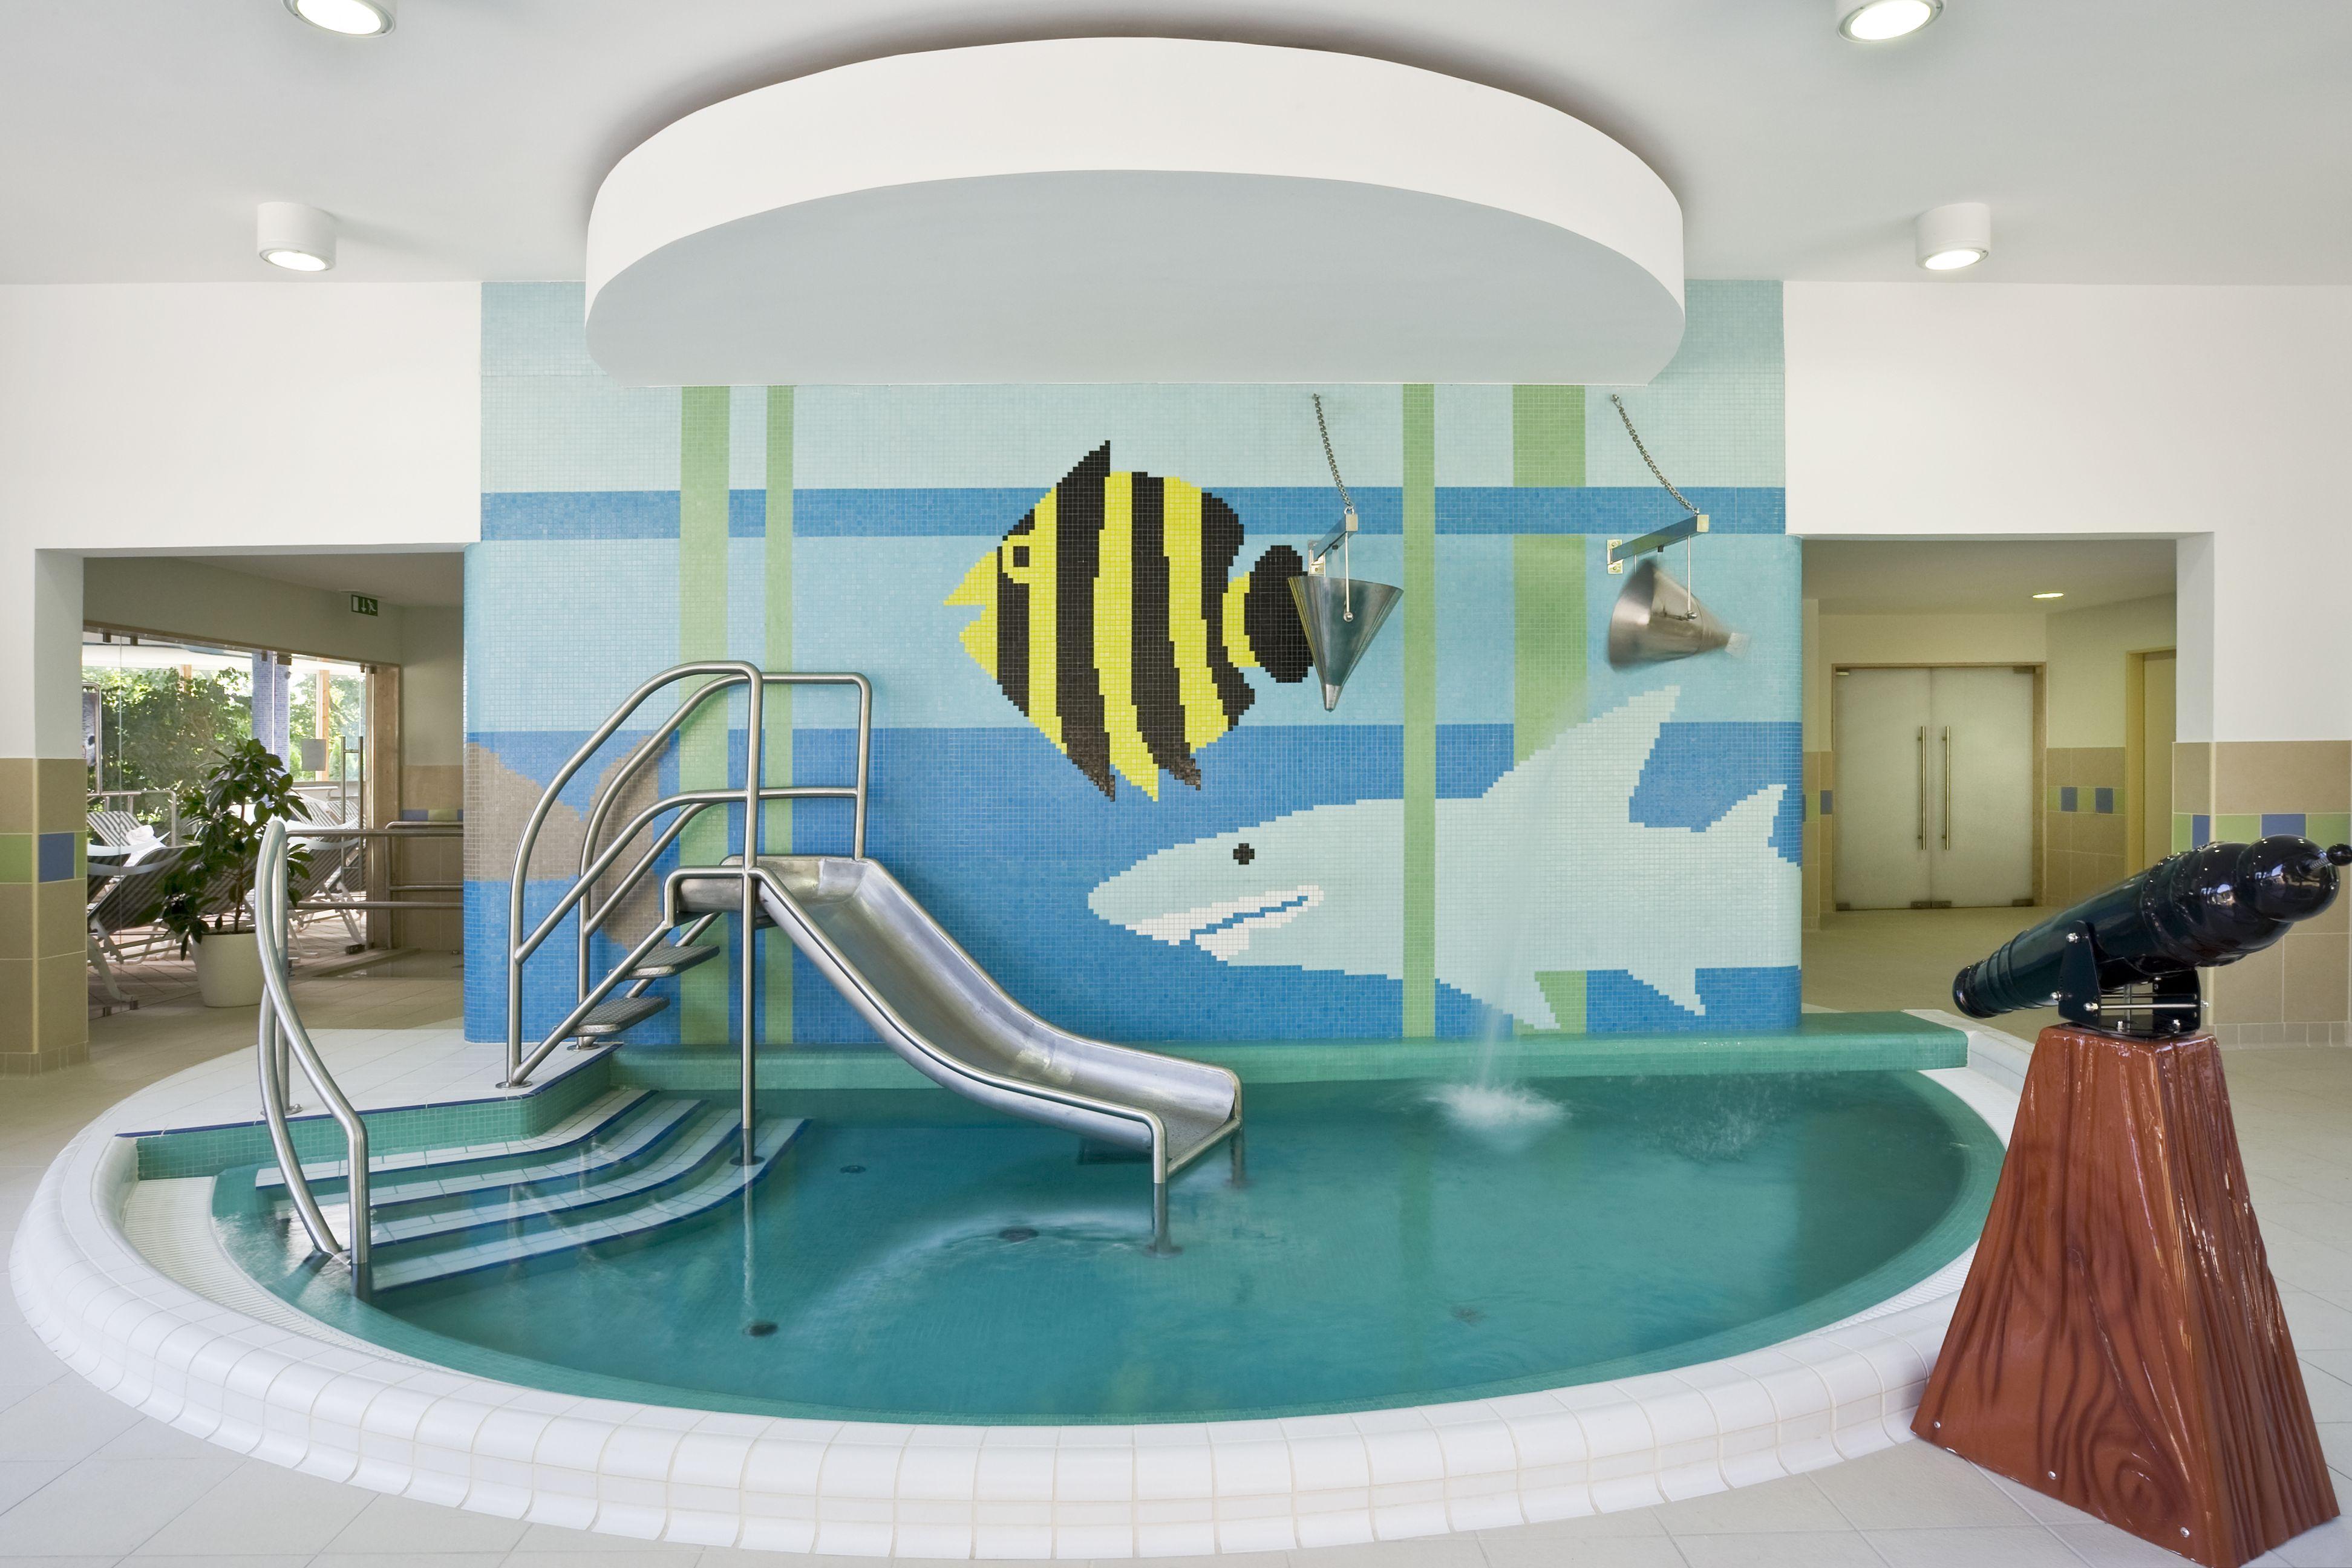 Hotel Aqua Hévíz gyermek medence tér